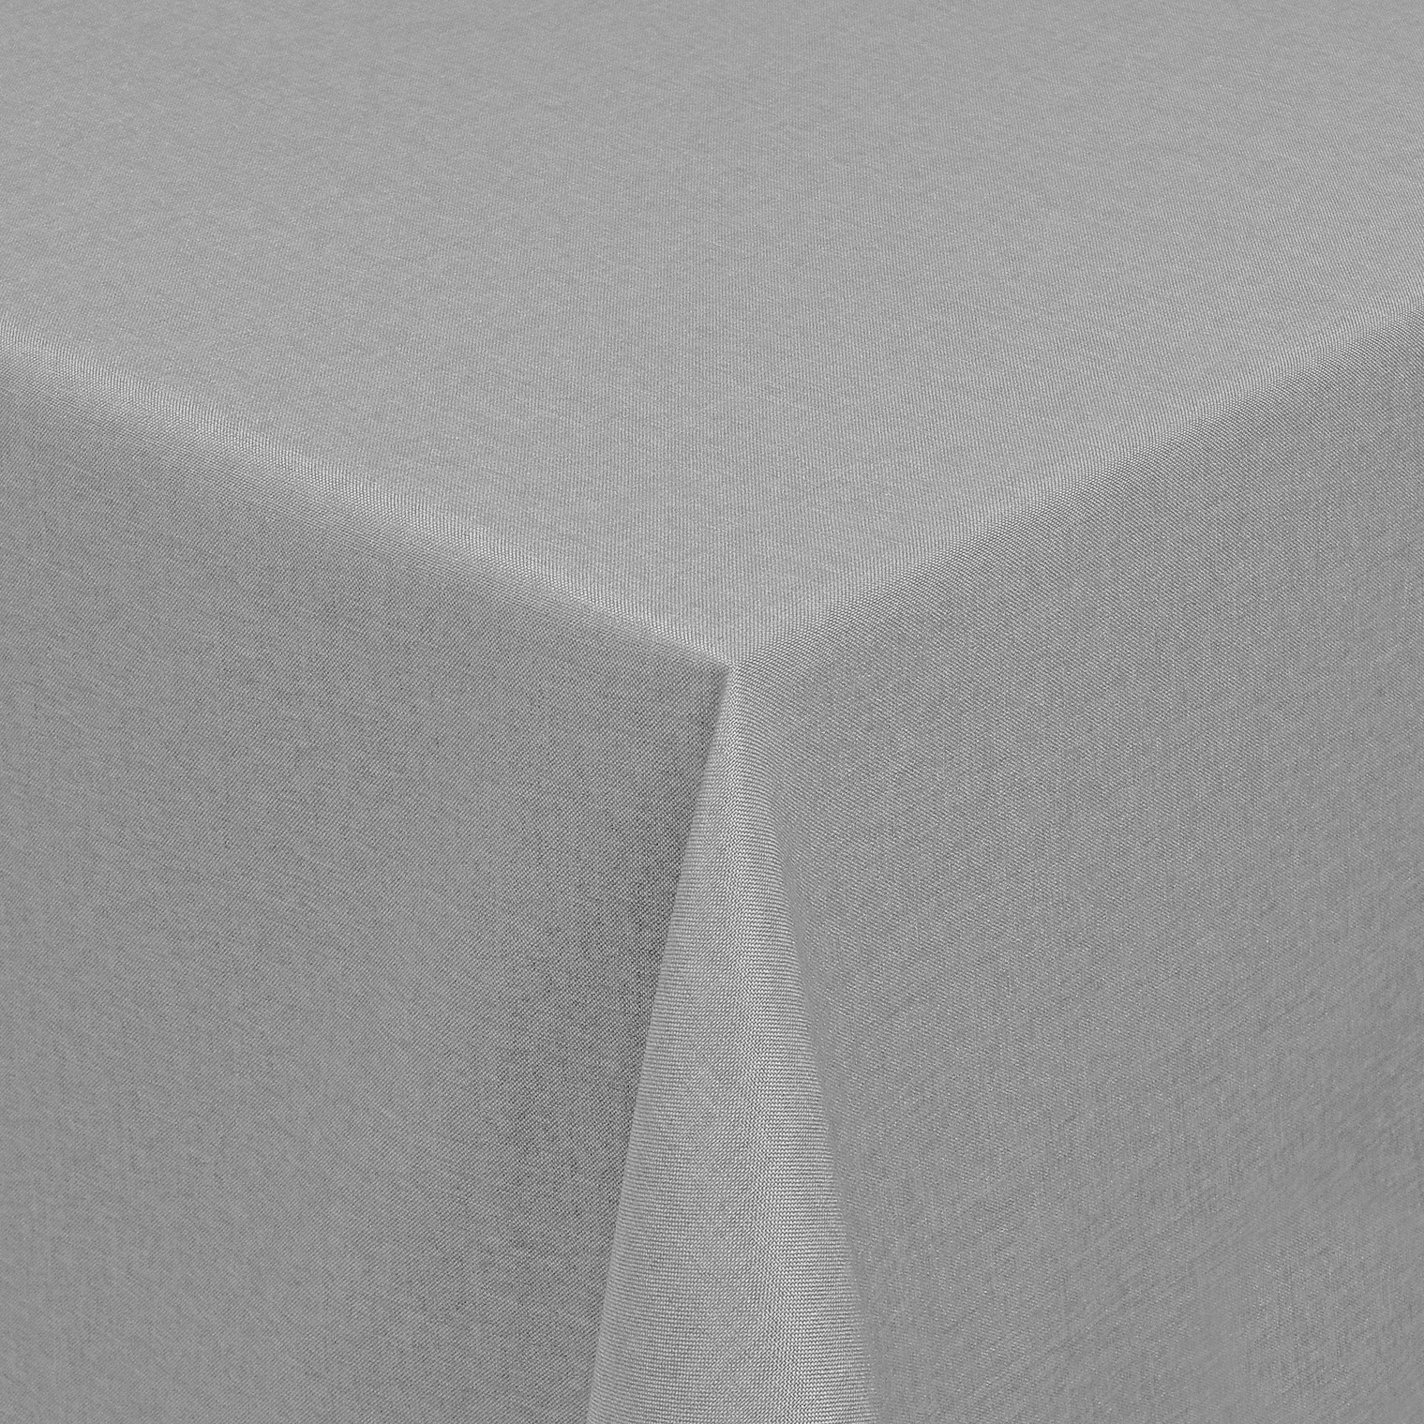 Brillino Tischdecke Eckig Weiß 130 x 340 cm Leinen Optik Optik Optik mit Lotus Effekt Größe & Farbe wählbar B075V4SRFP Tischdecken 30e629